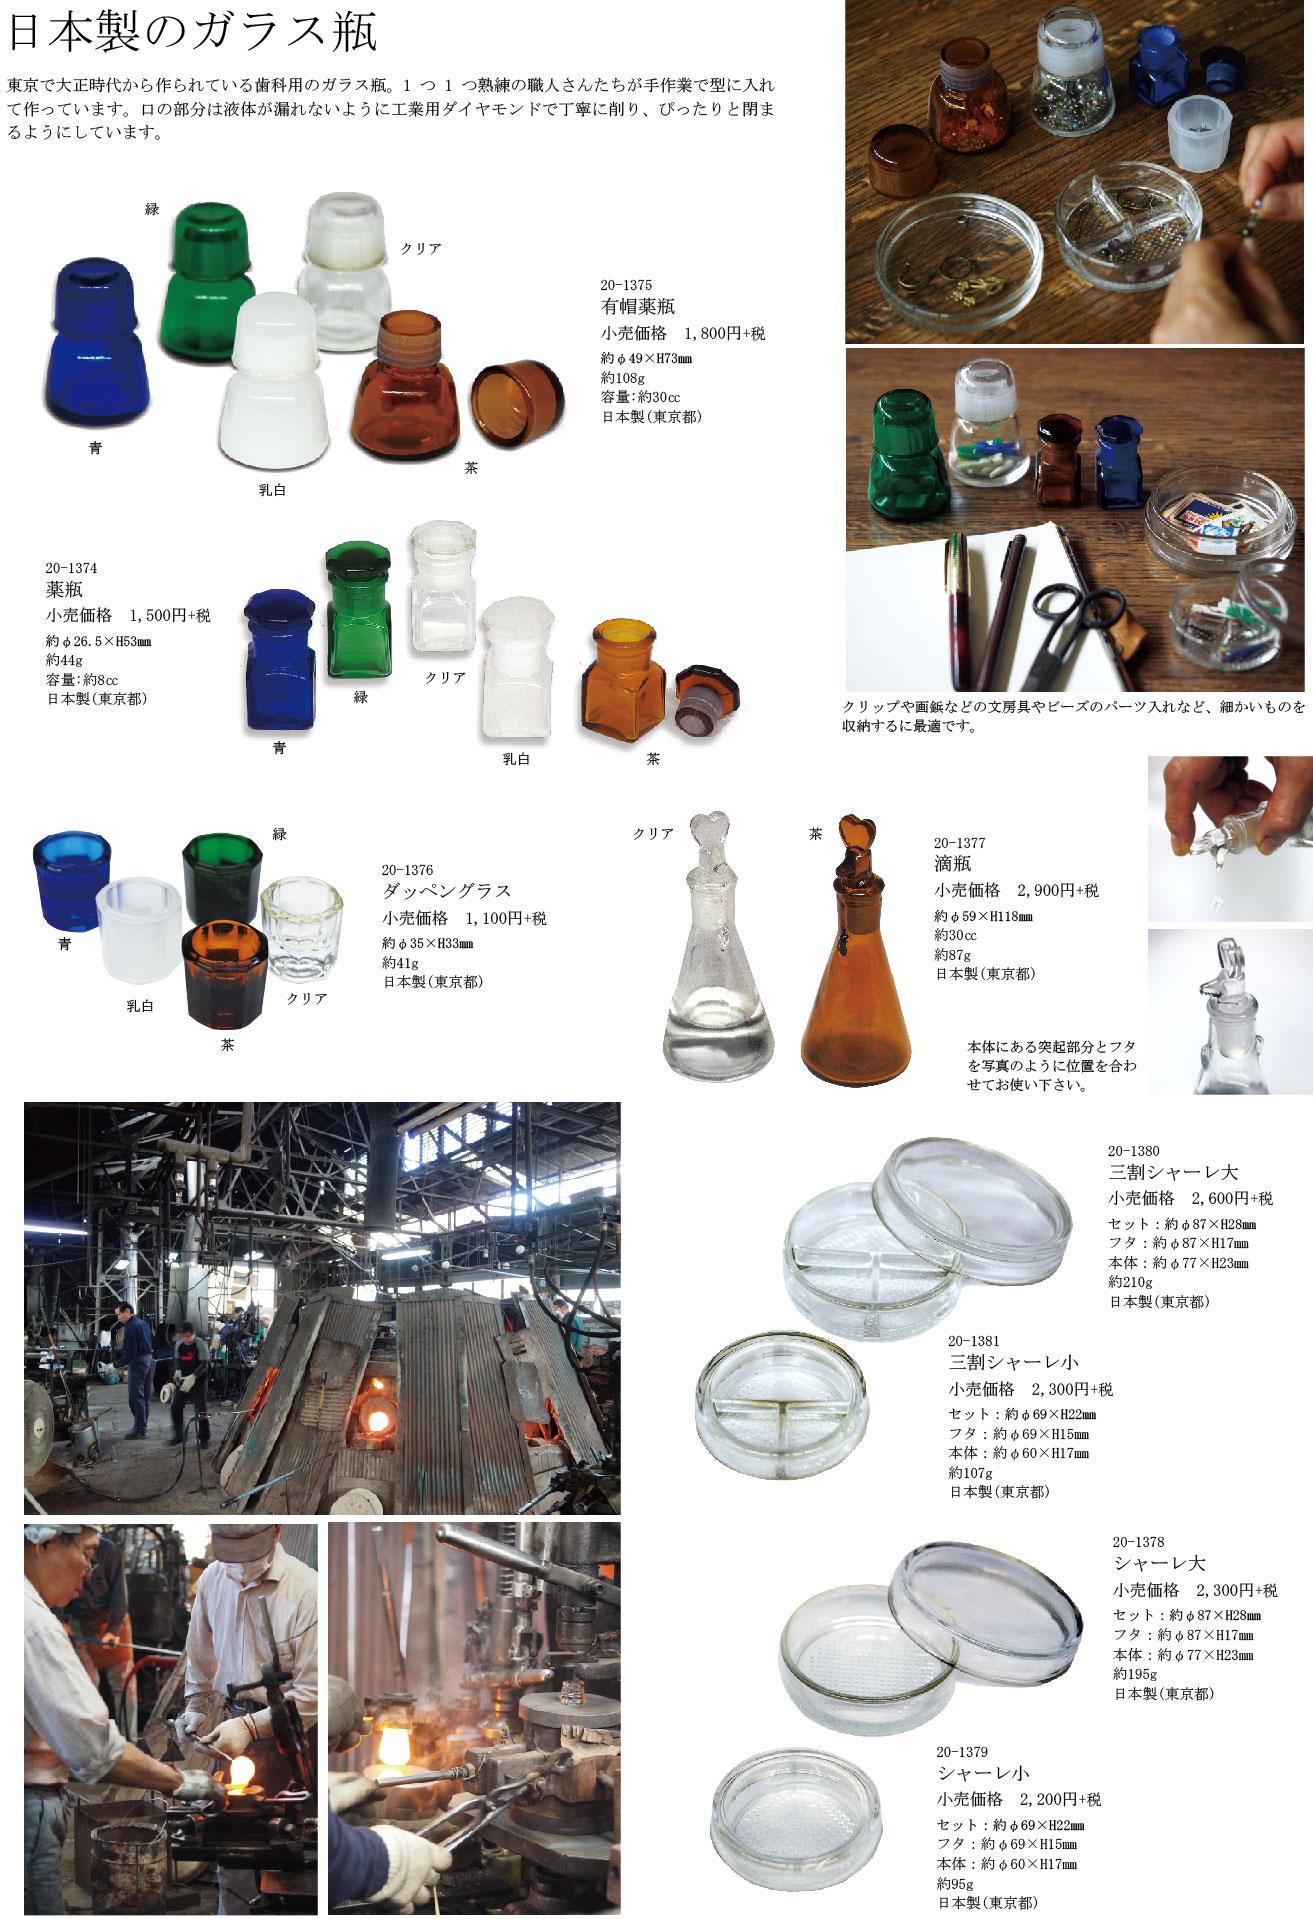 日本製のガラス瓶